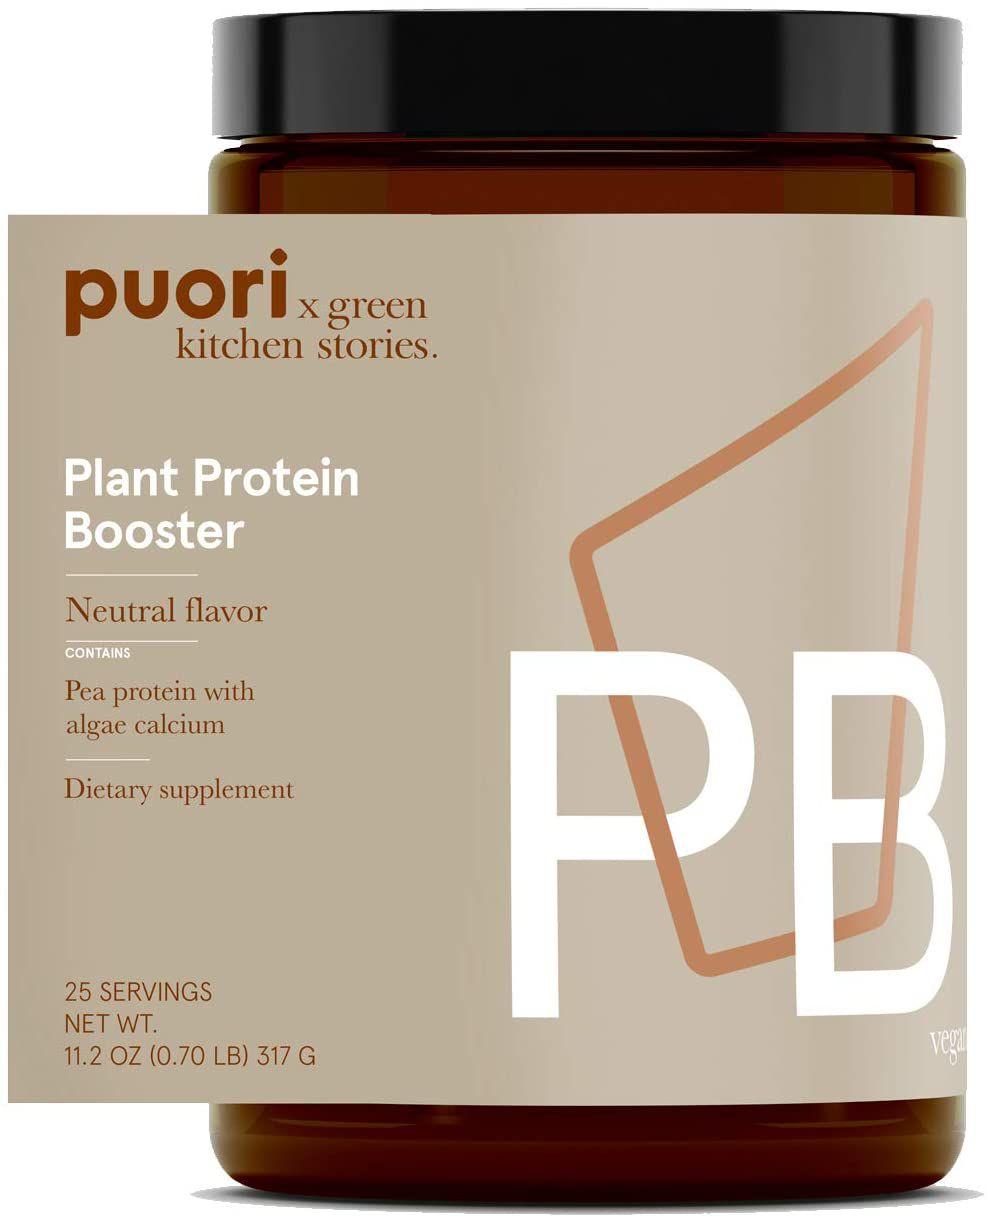 Puori Plant Protein Booster